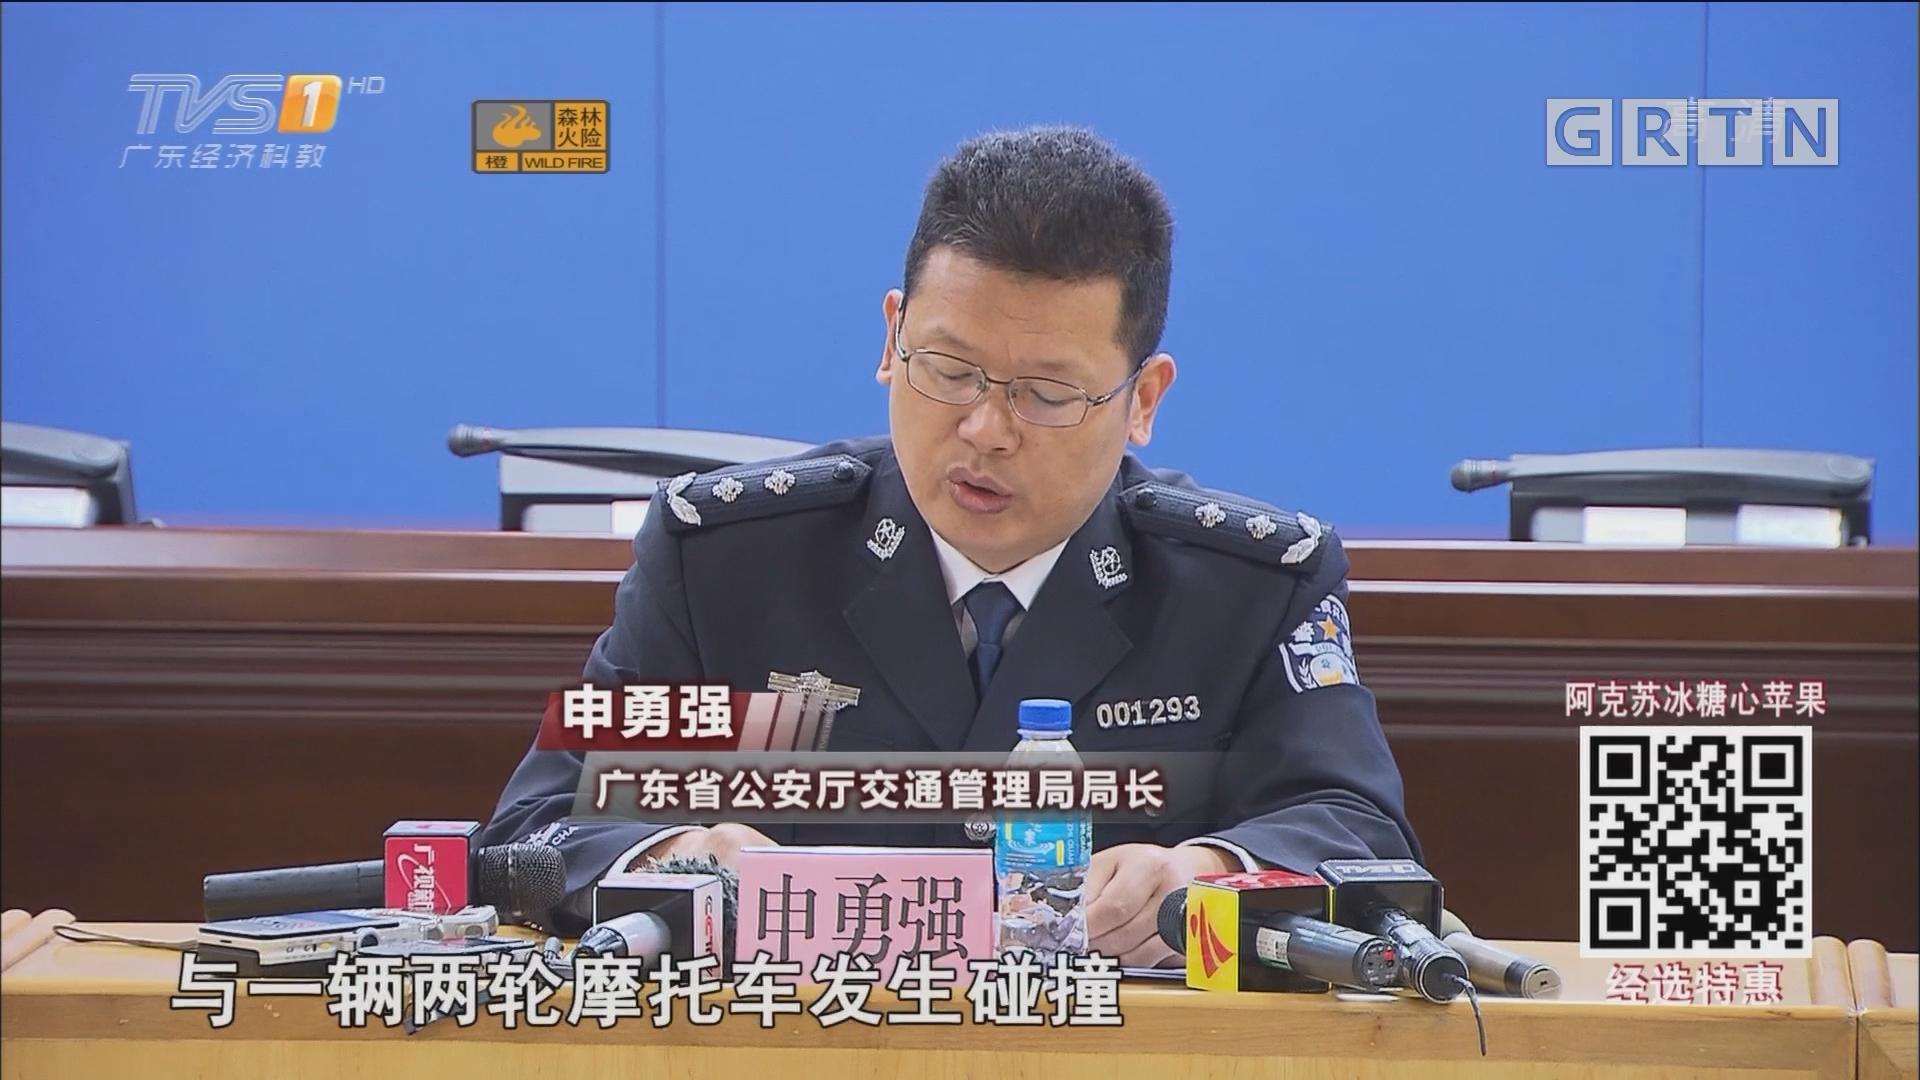 向酒驾飙车说不 广东交警发布冬季交通安全指引